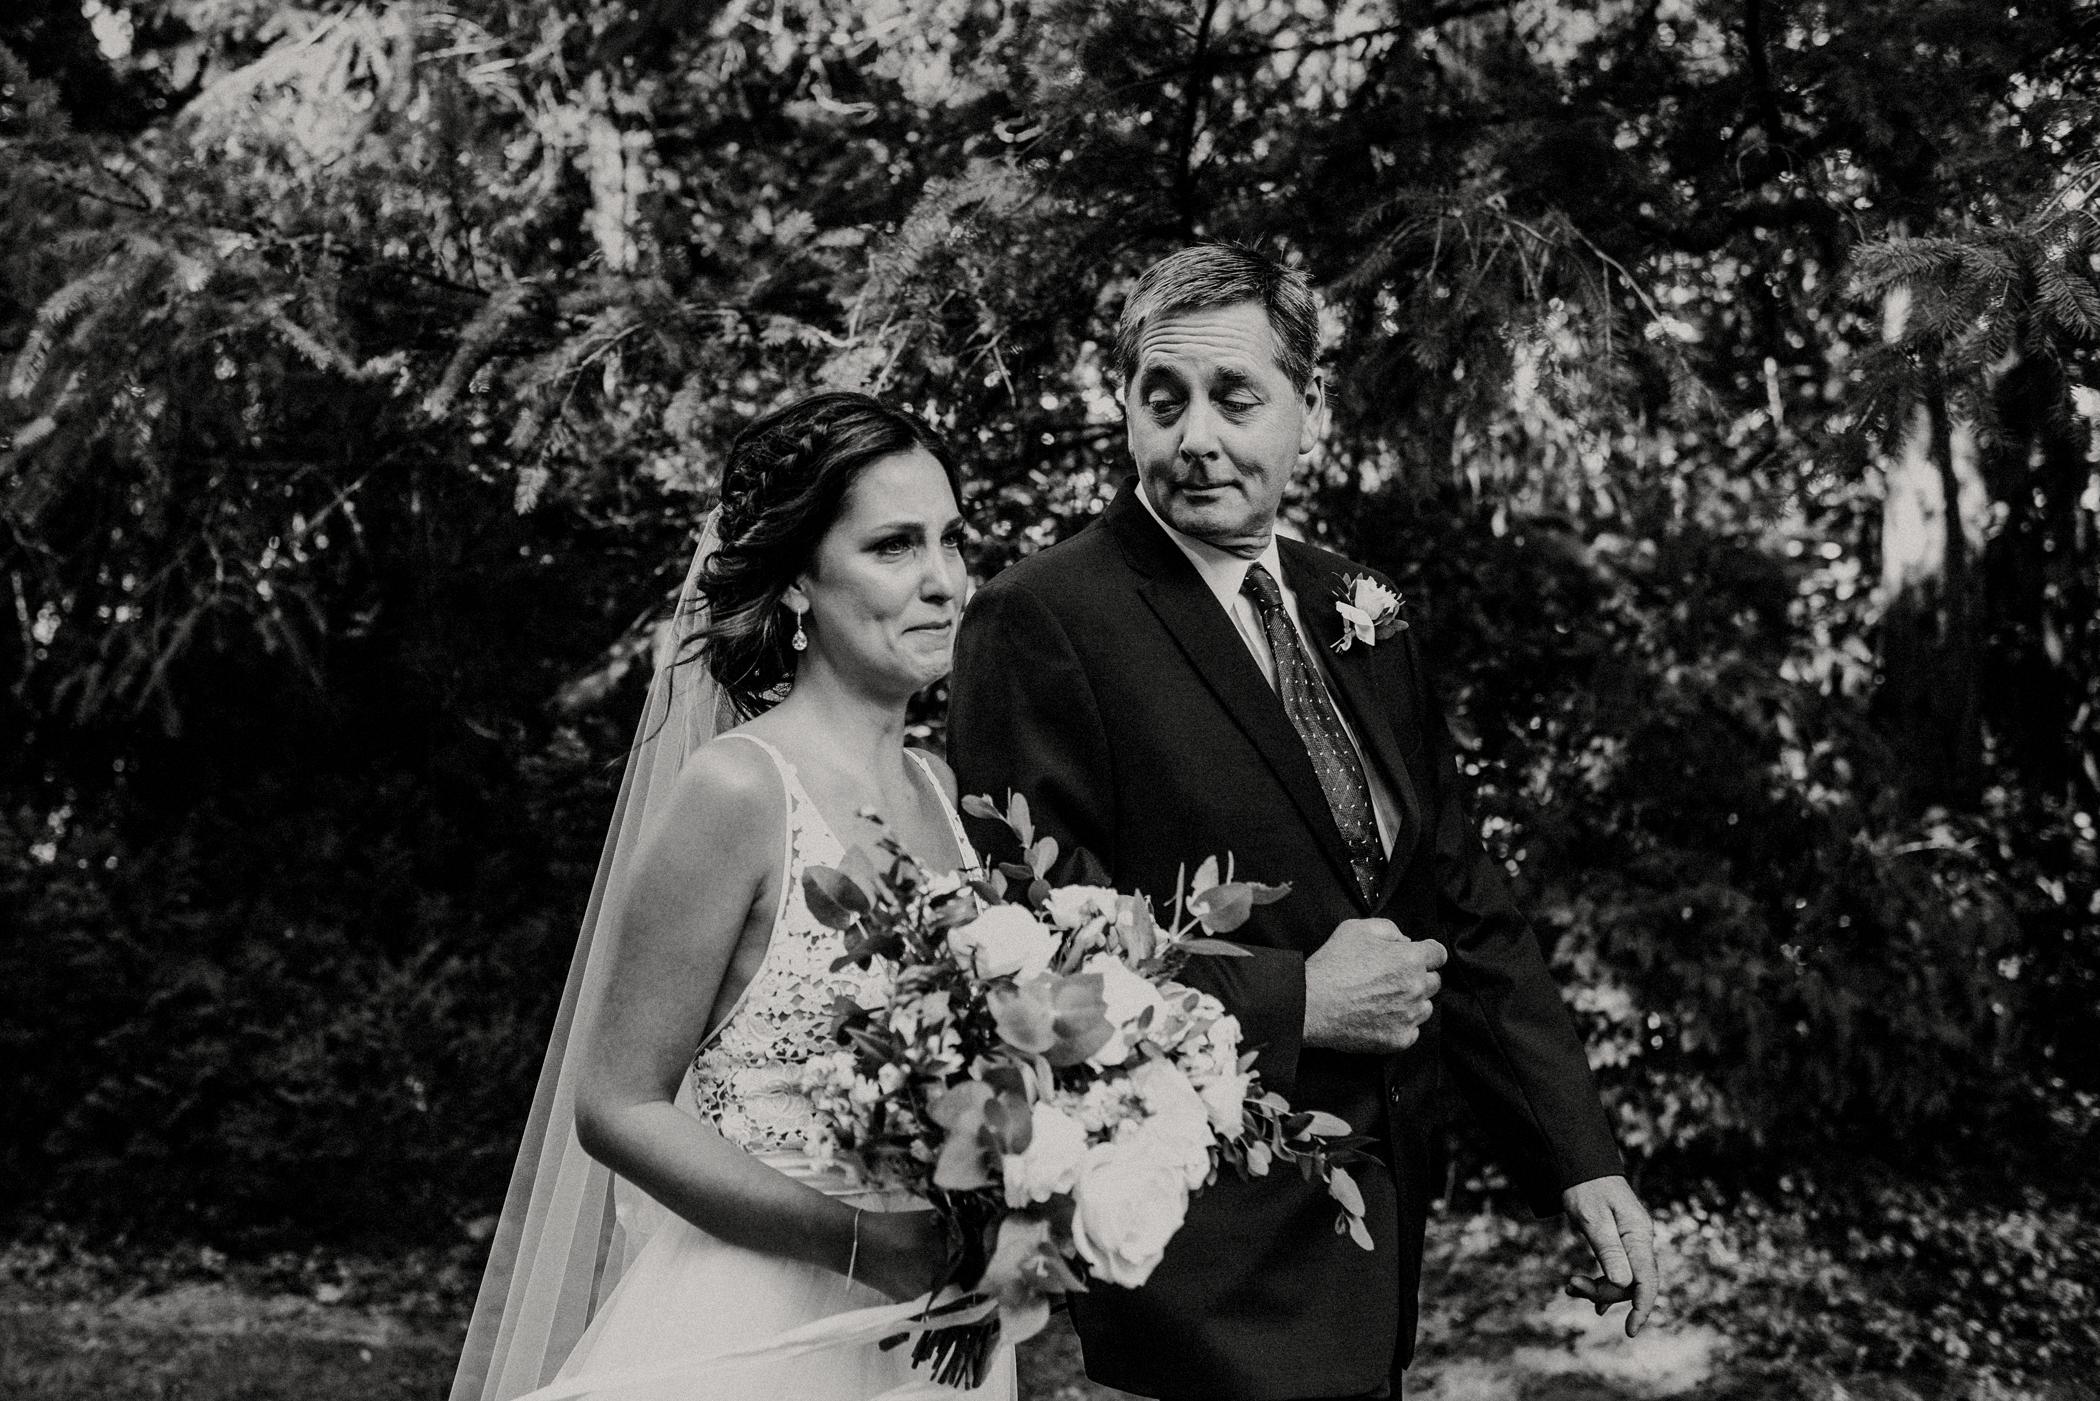 032-kaoverii-silva-KR-wedding-vancouver-photography-blog.png